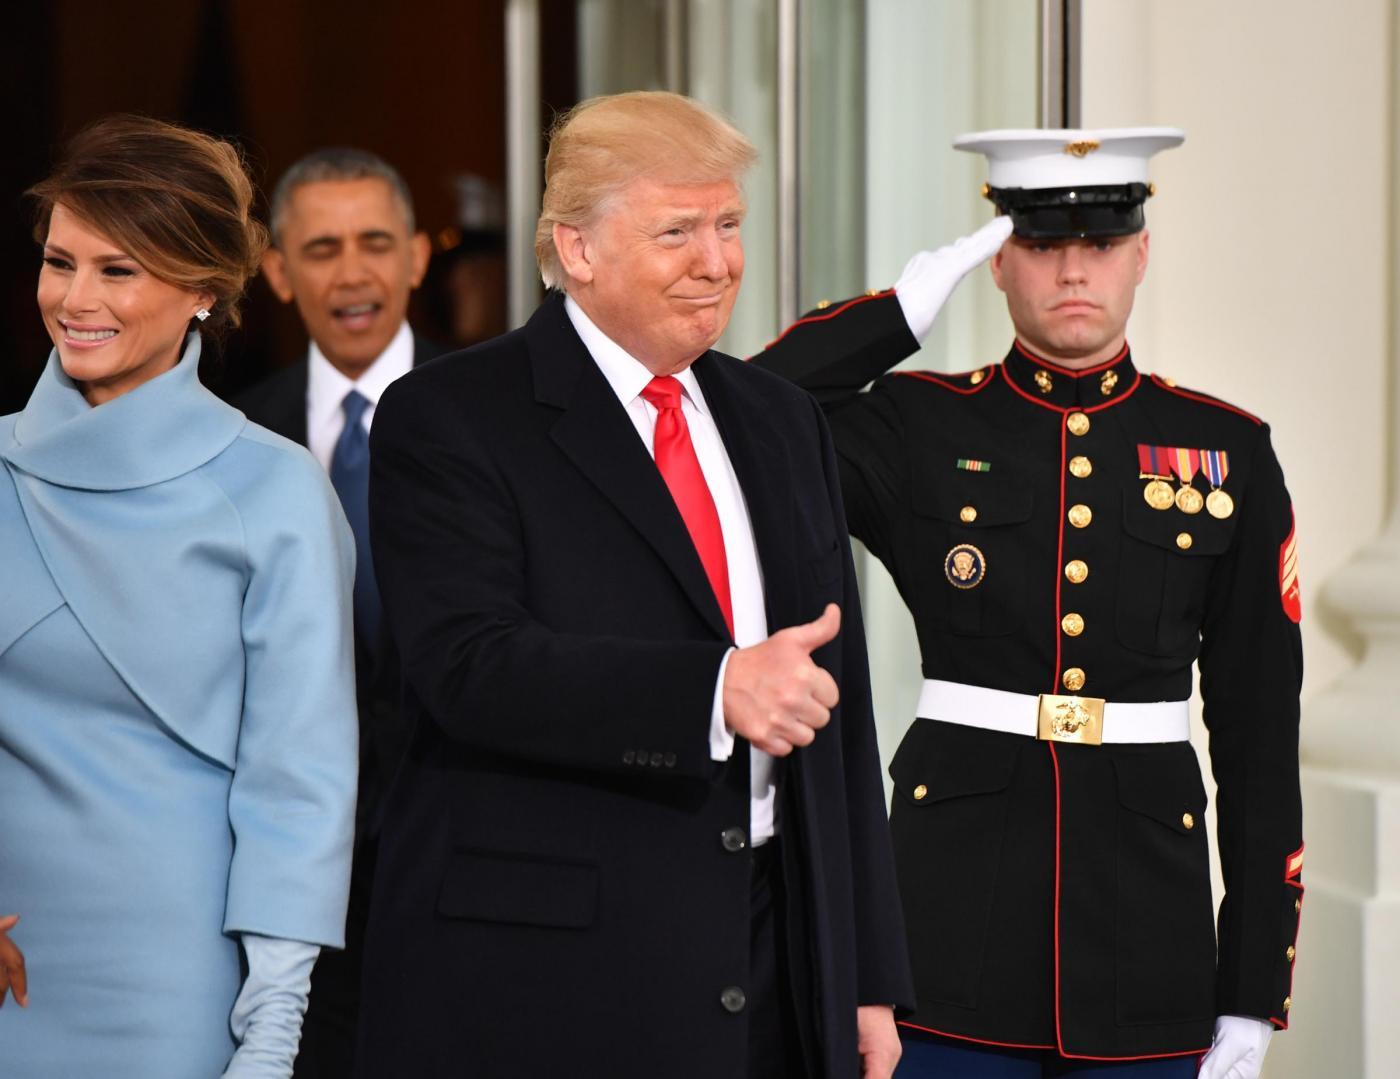 Obama alla cerimonia del passaggio di consegne a Donald Trump